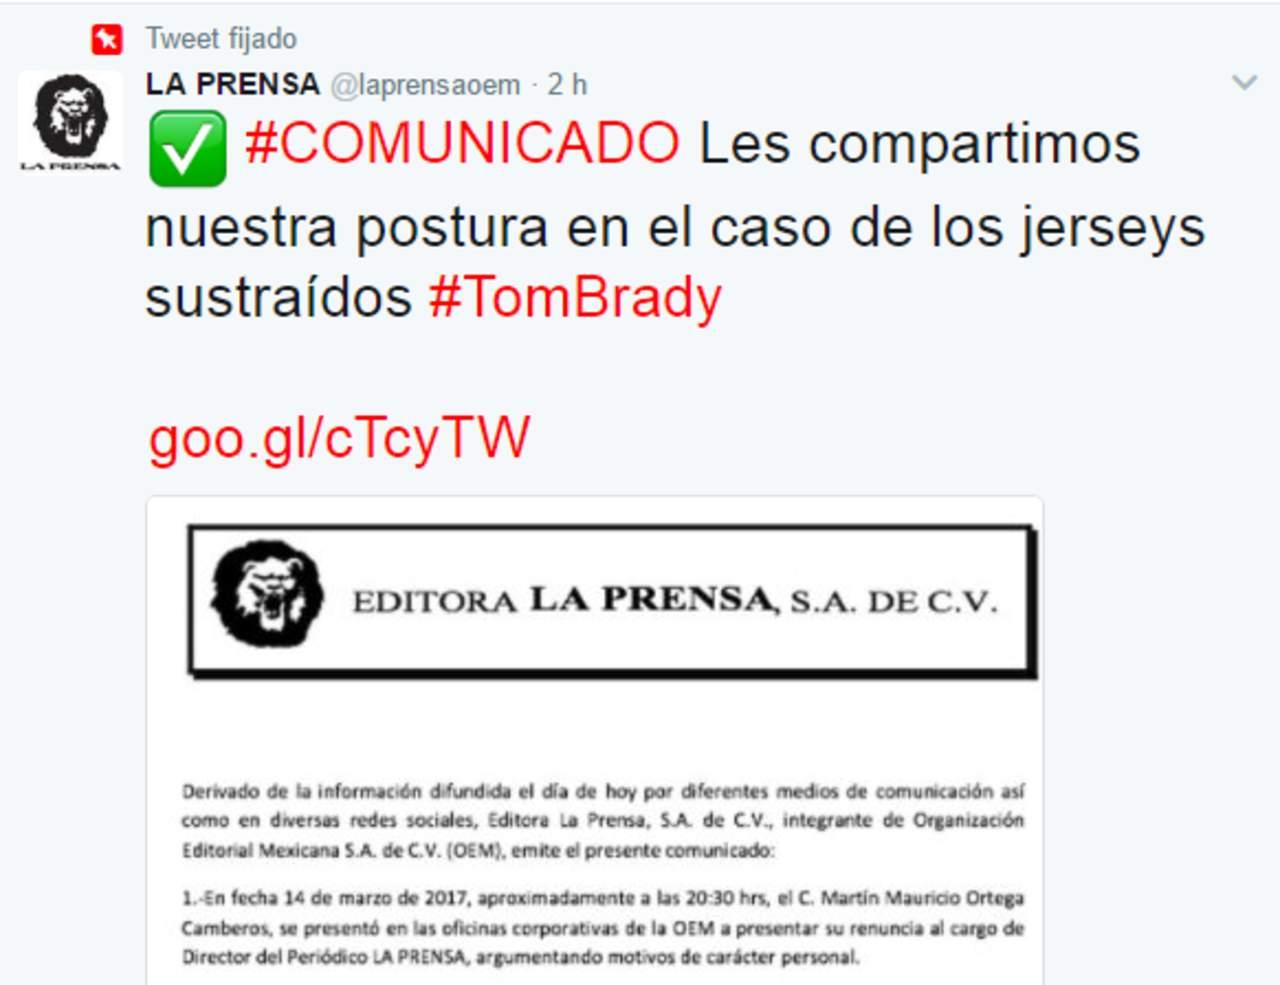 La Prensa ofrece disculpas por el robo de los jerseys de Tom Brady